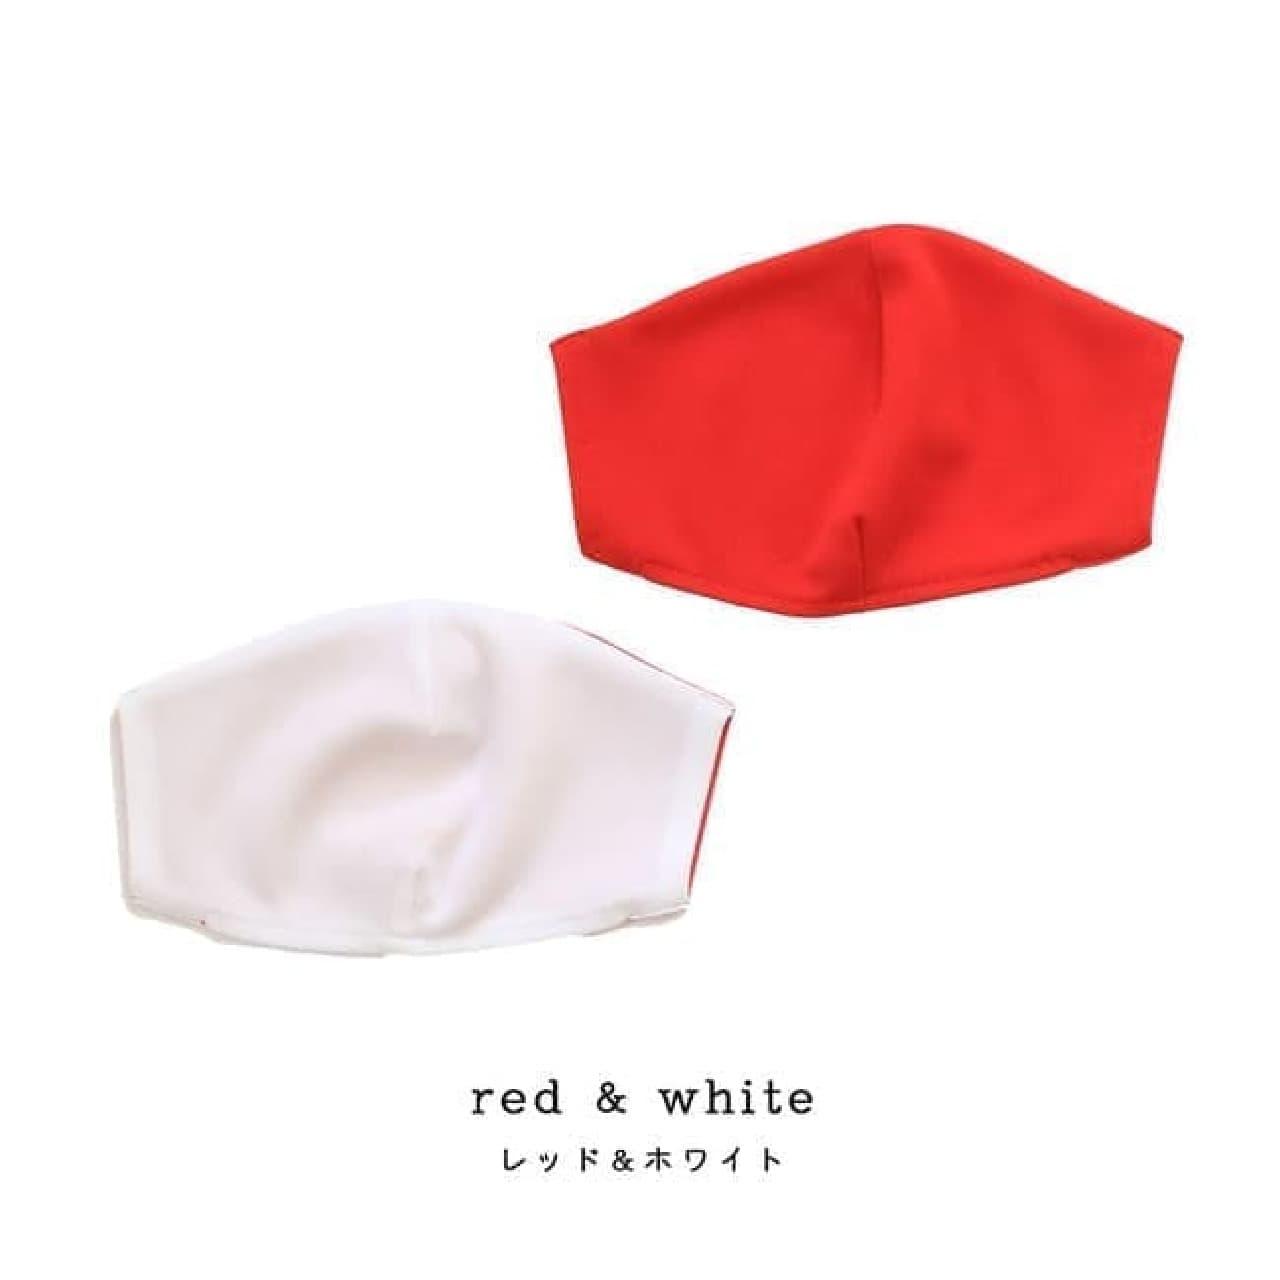 不織布マスクをおしゃれに!ネコリパブリックの専用カバー新作 -- サラサラ感持続